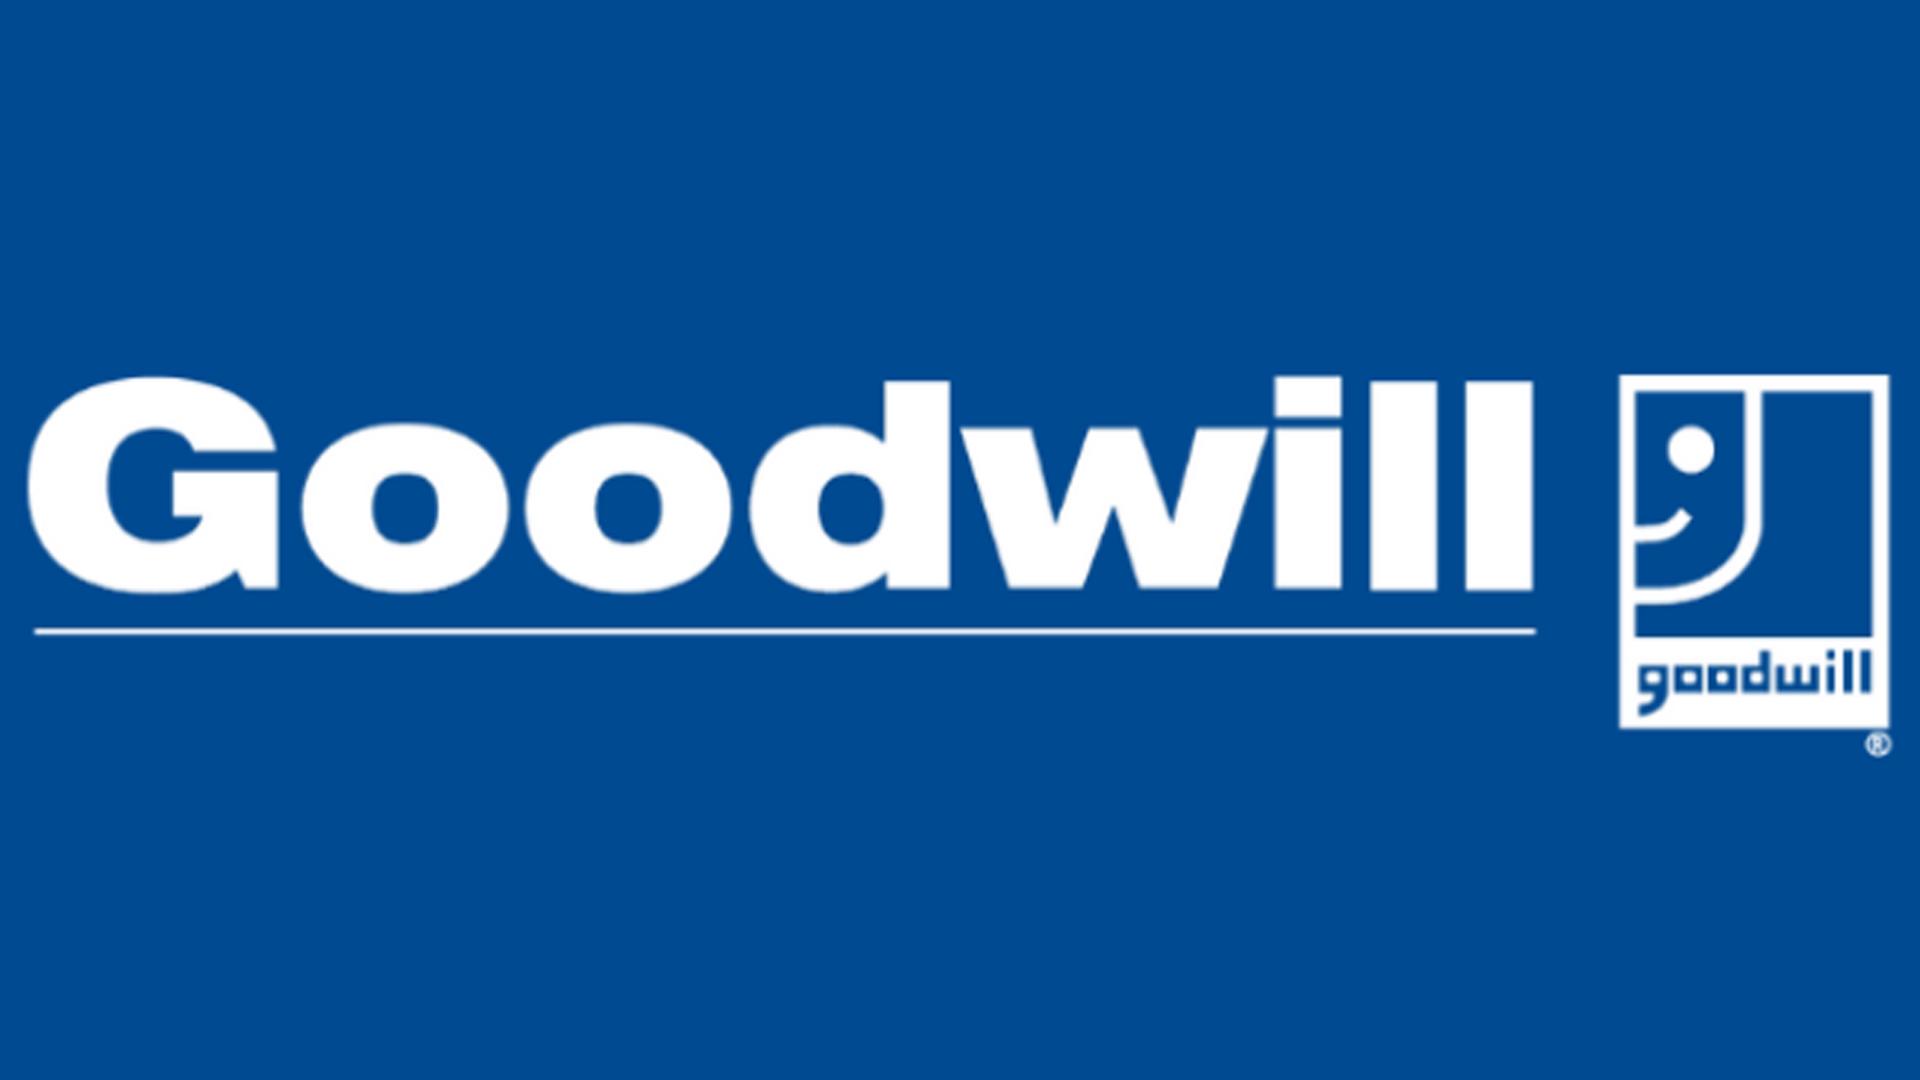 Goodwill (Williston)